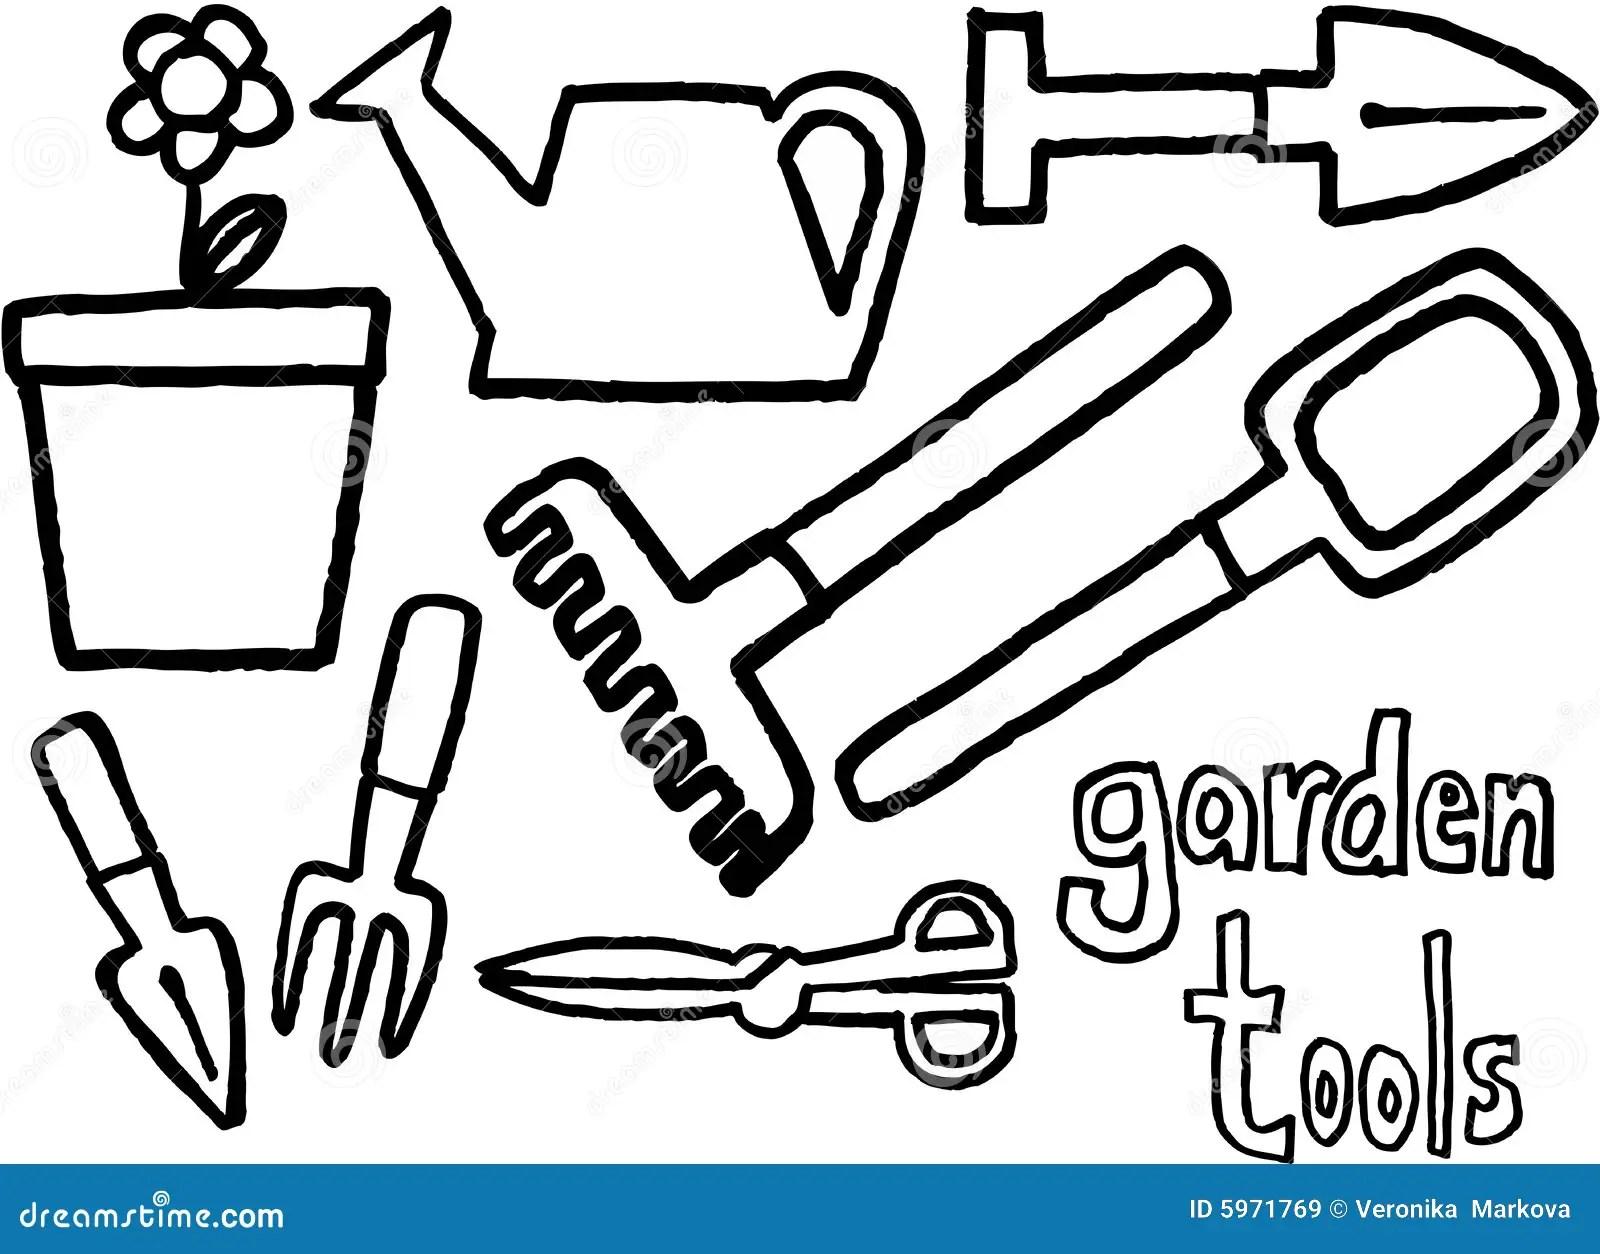 Garden tools stock vector. Illustration of illustration